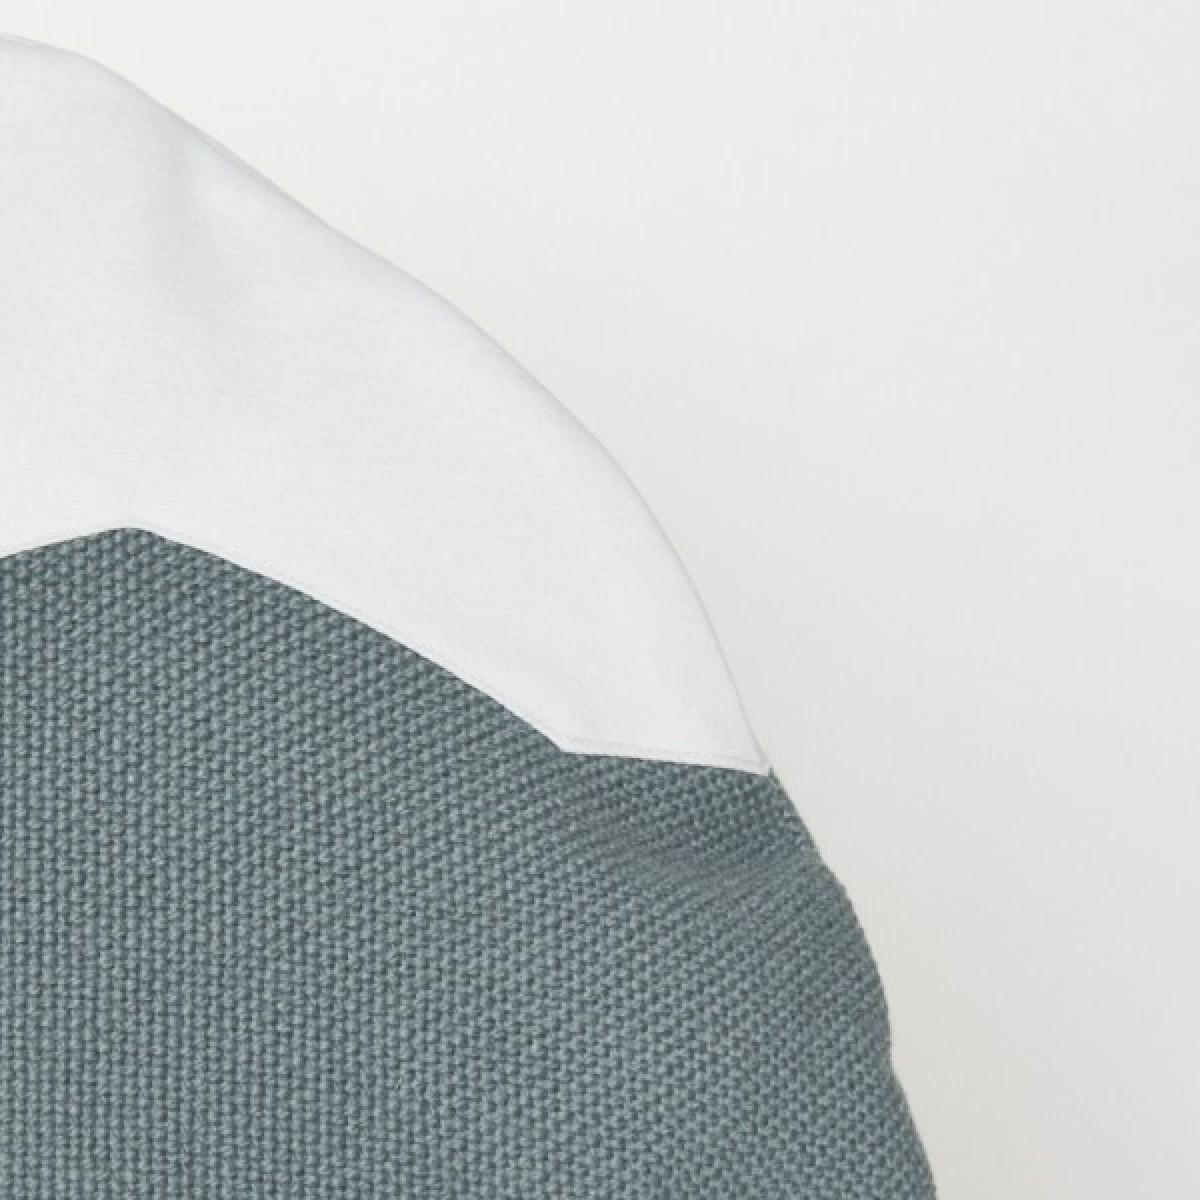 Markrún Herdubreid Bergkissen Grau-Blau